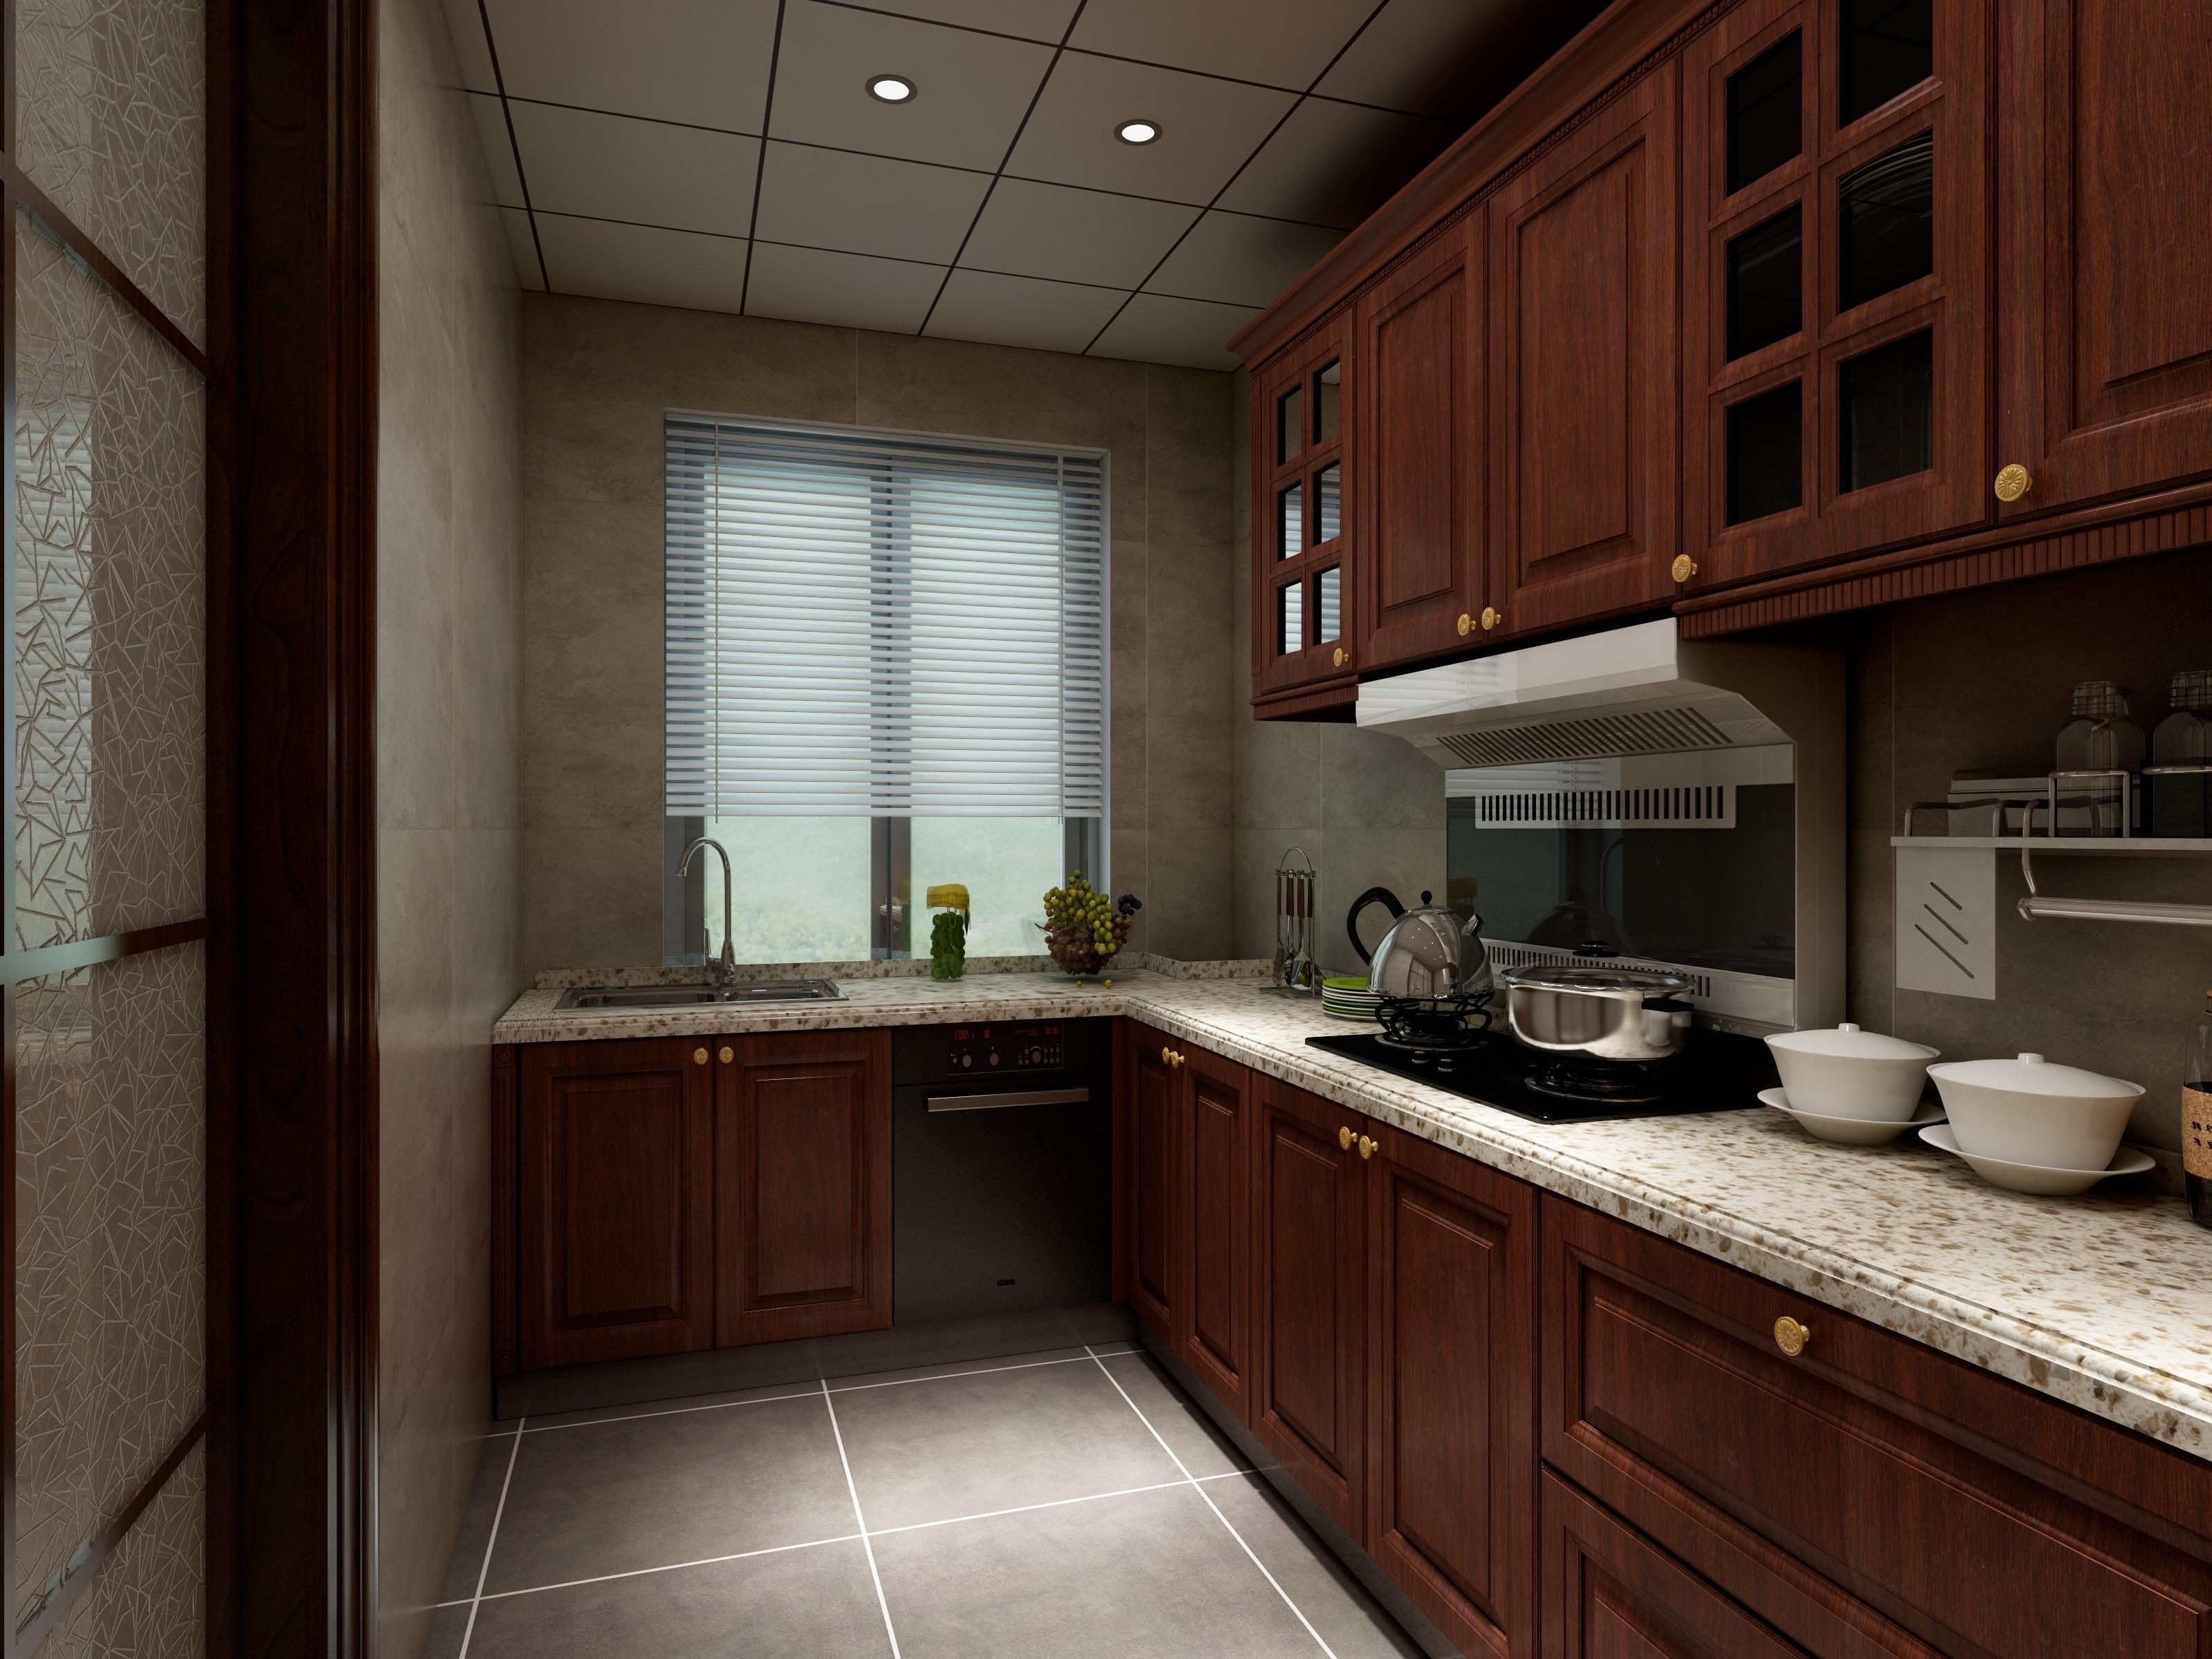 简约中式装修厨房构造图